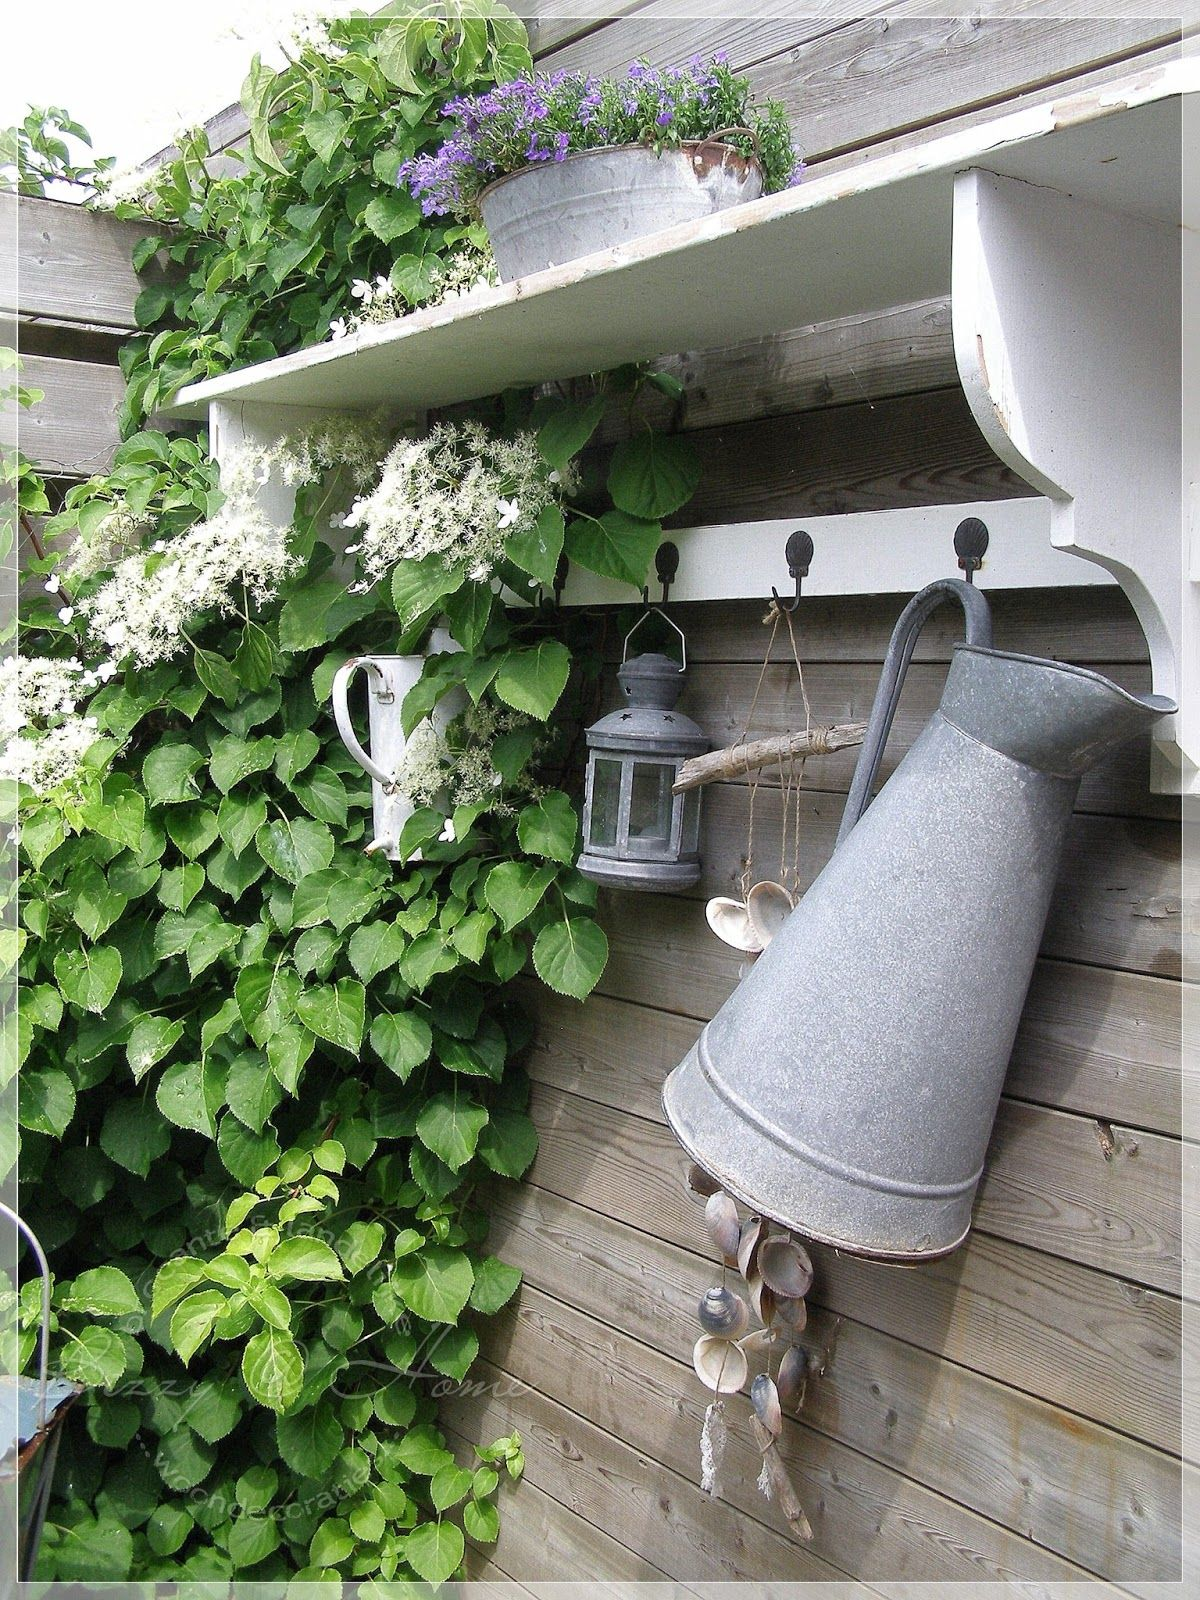 Garden decor trellis  Garden shelf and trellis Great idea for outdoor organization